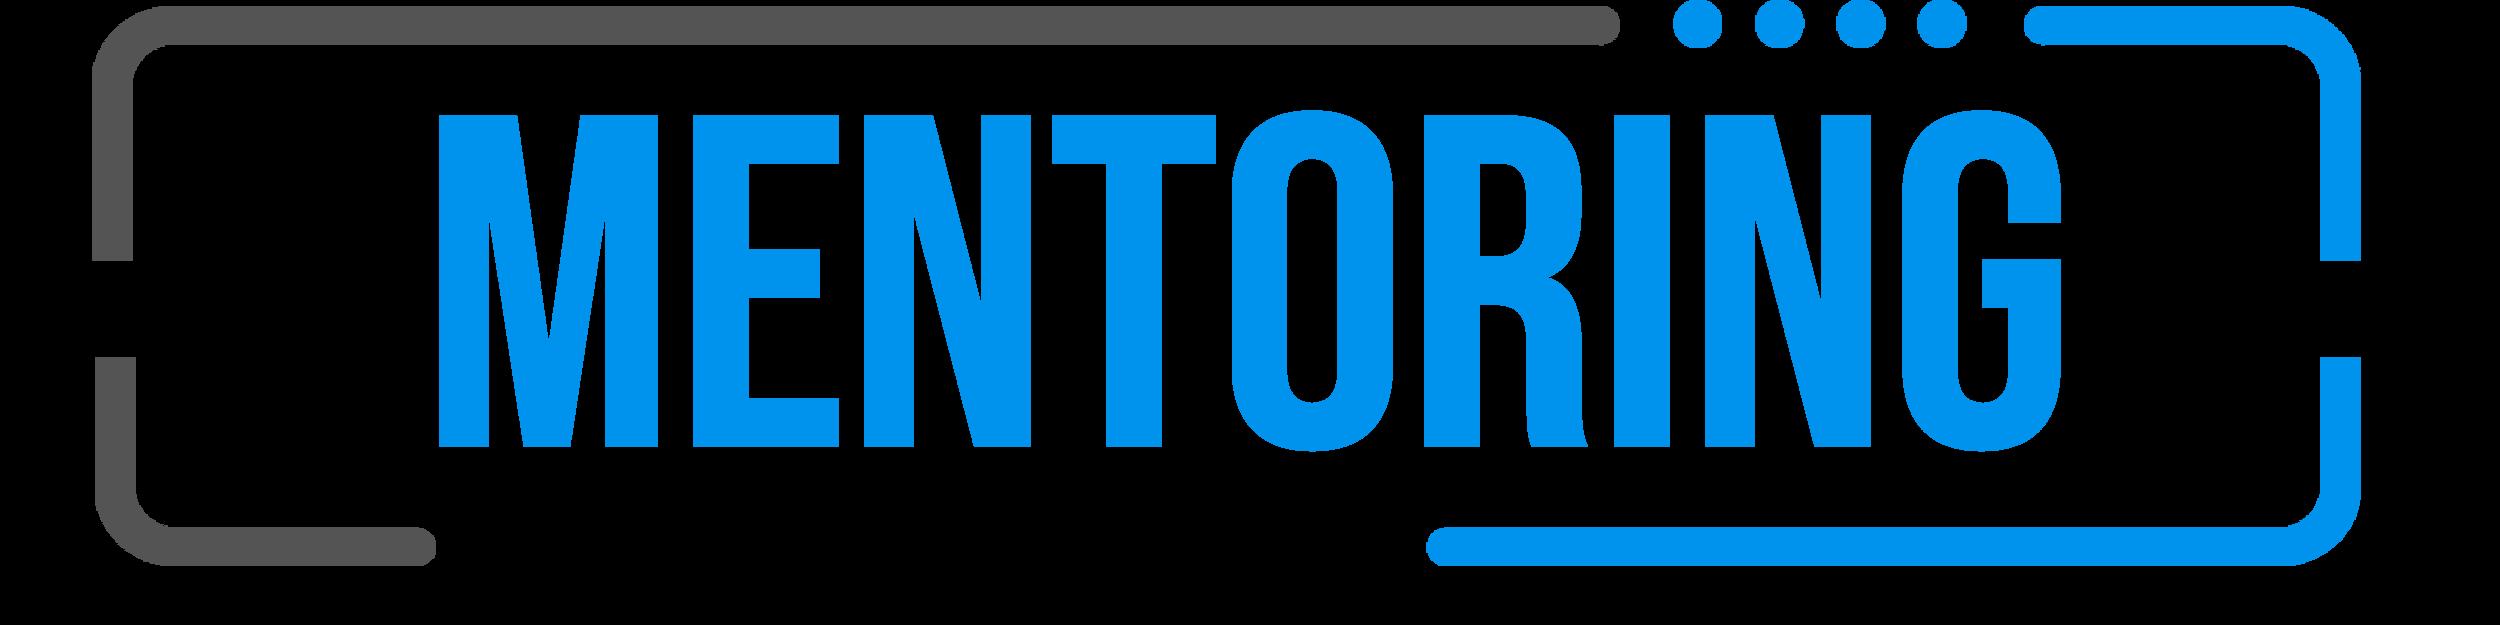 mentoringtitle.png